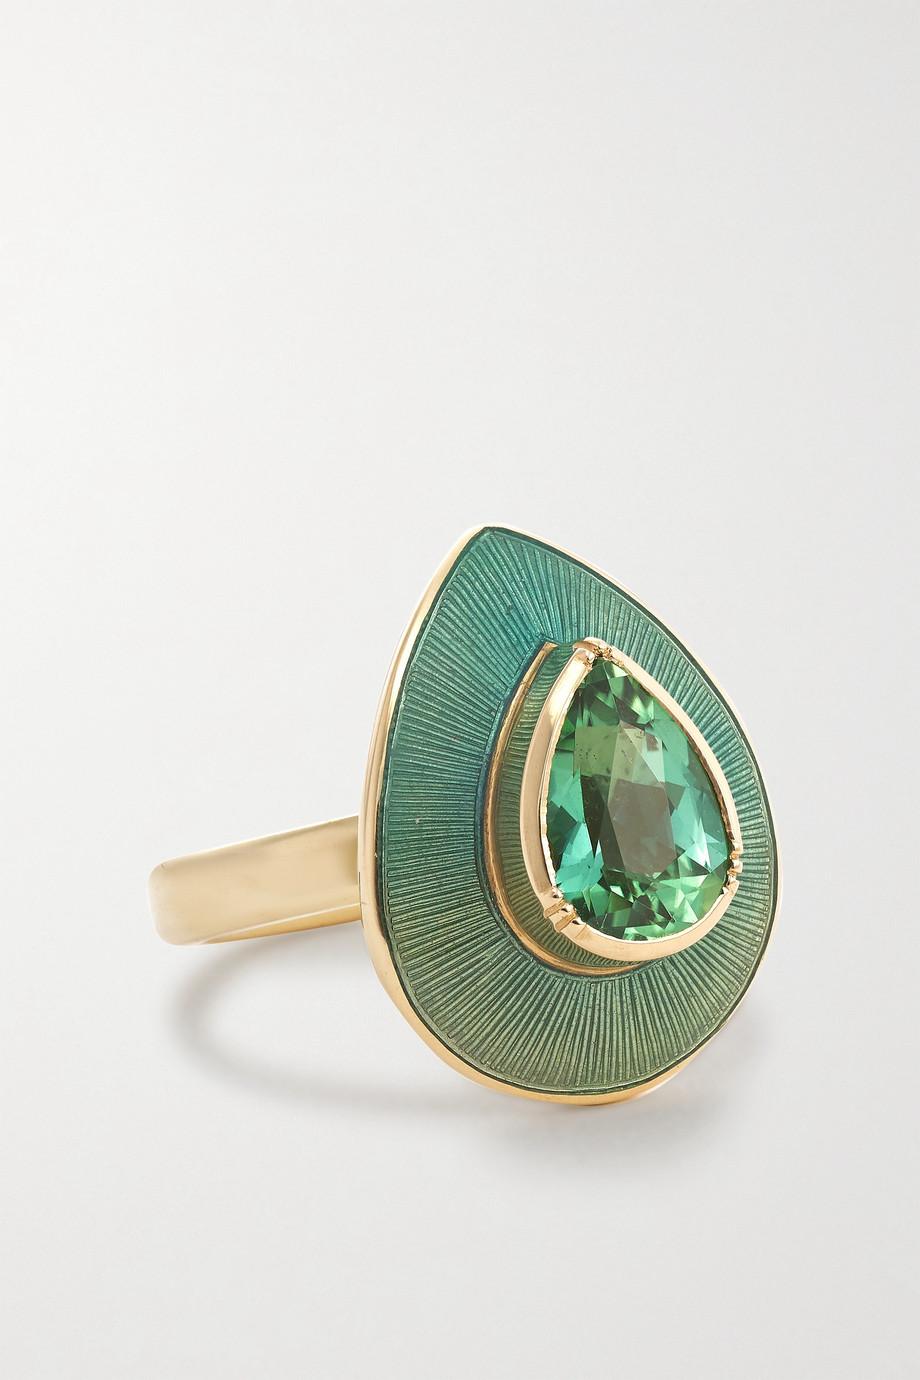 Brooke Gregson Raindrop 18-karat gold, enamel and tourmaline ring